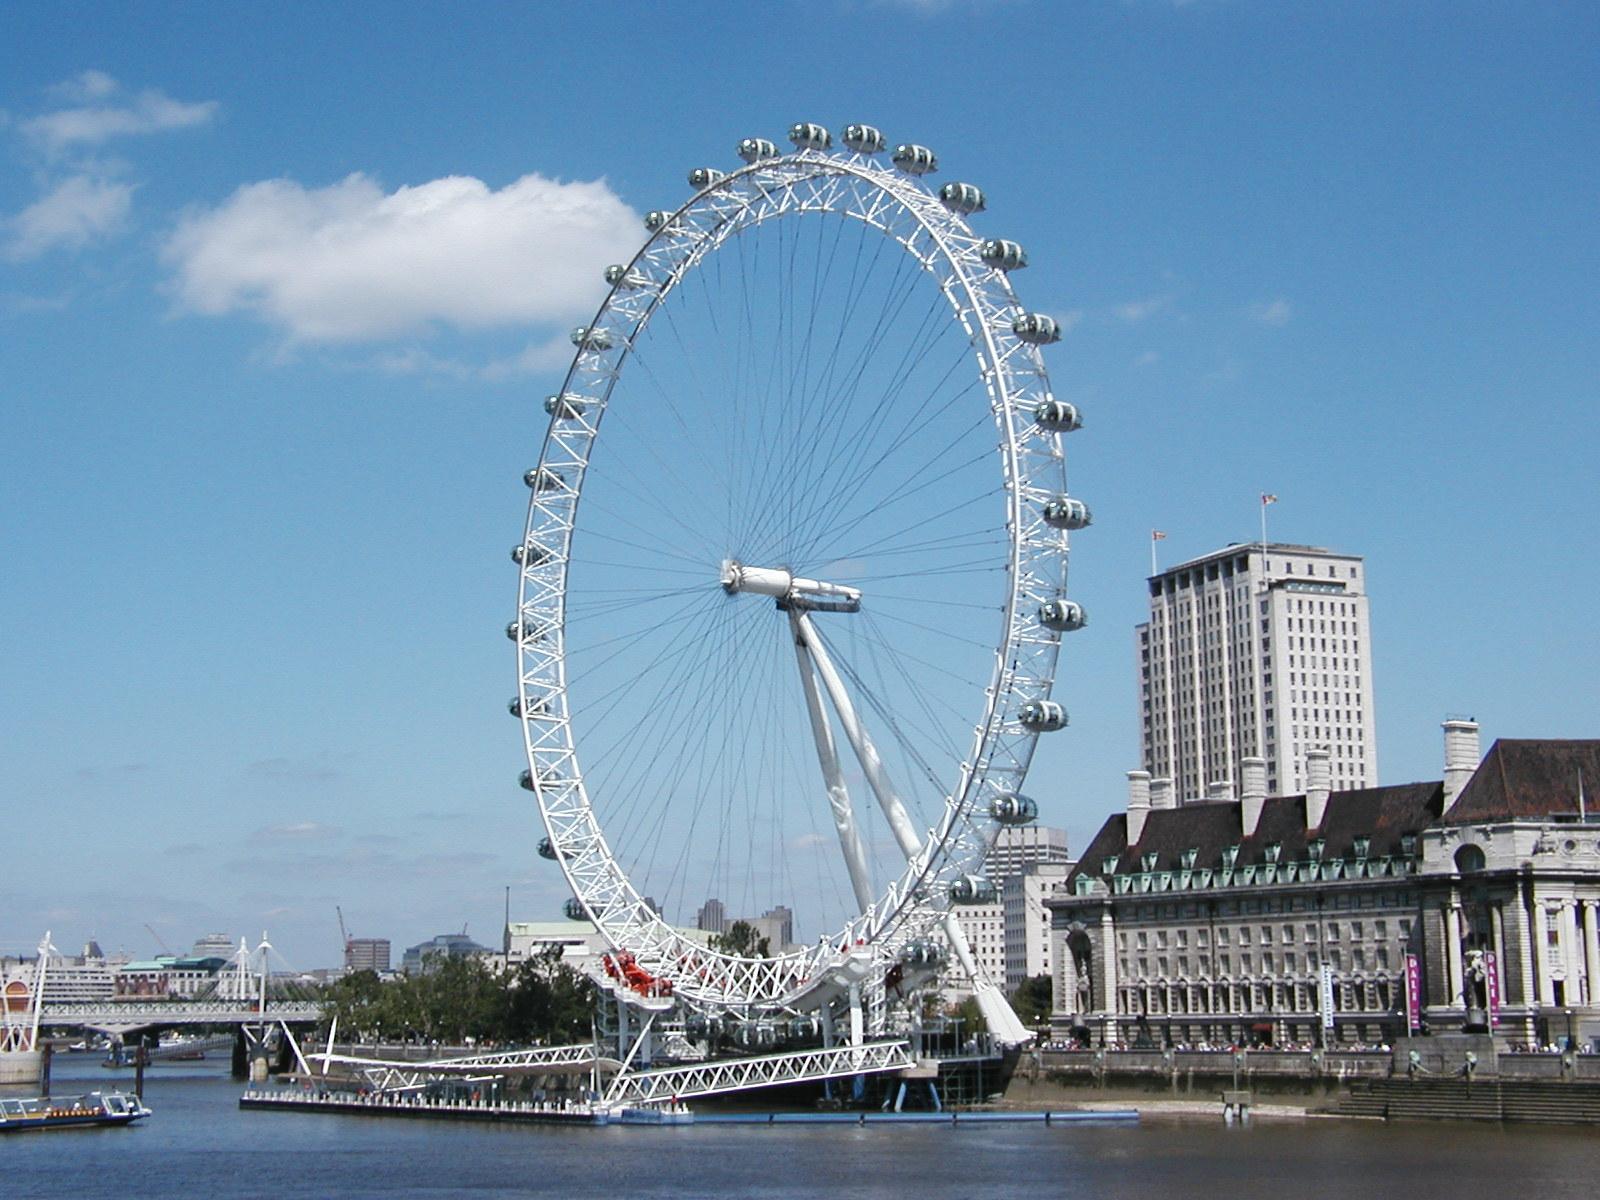 london eye from side